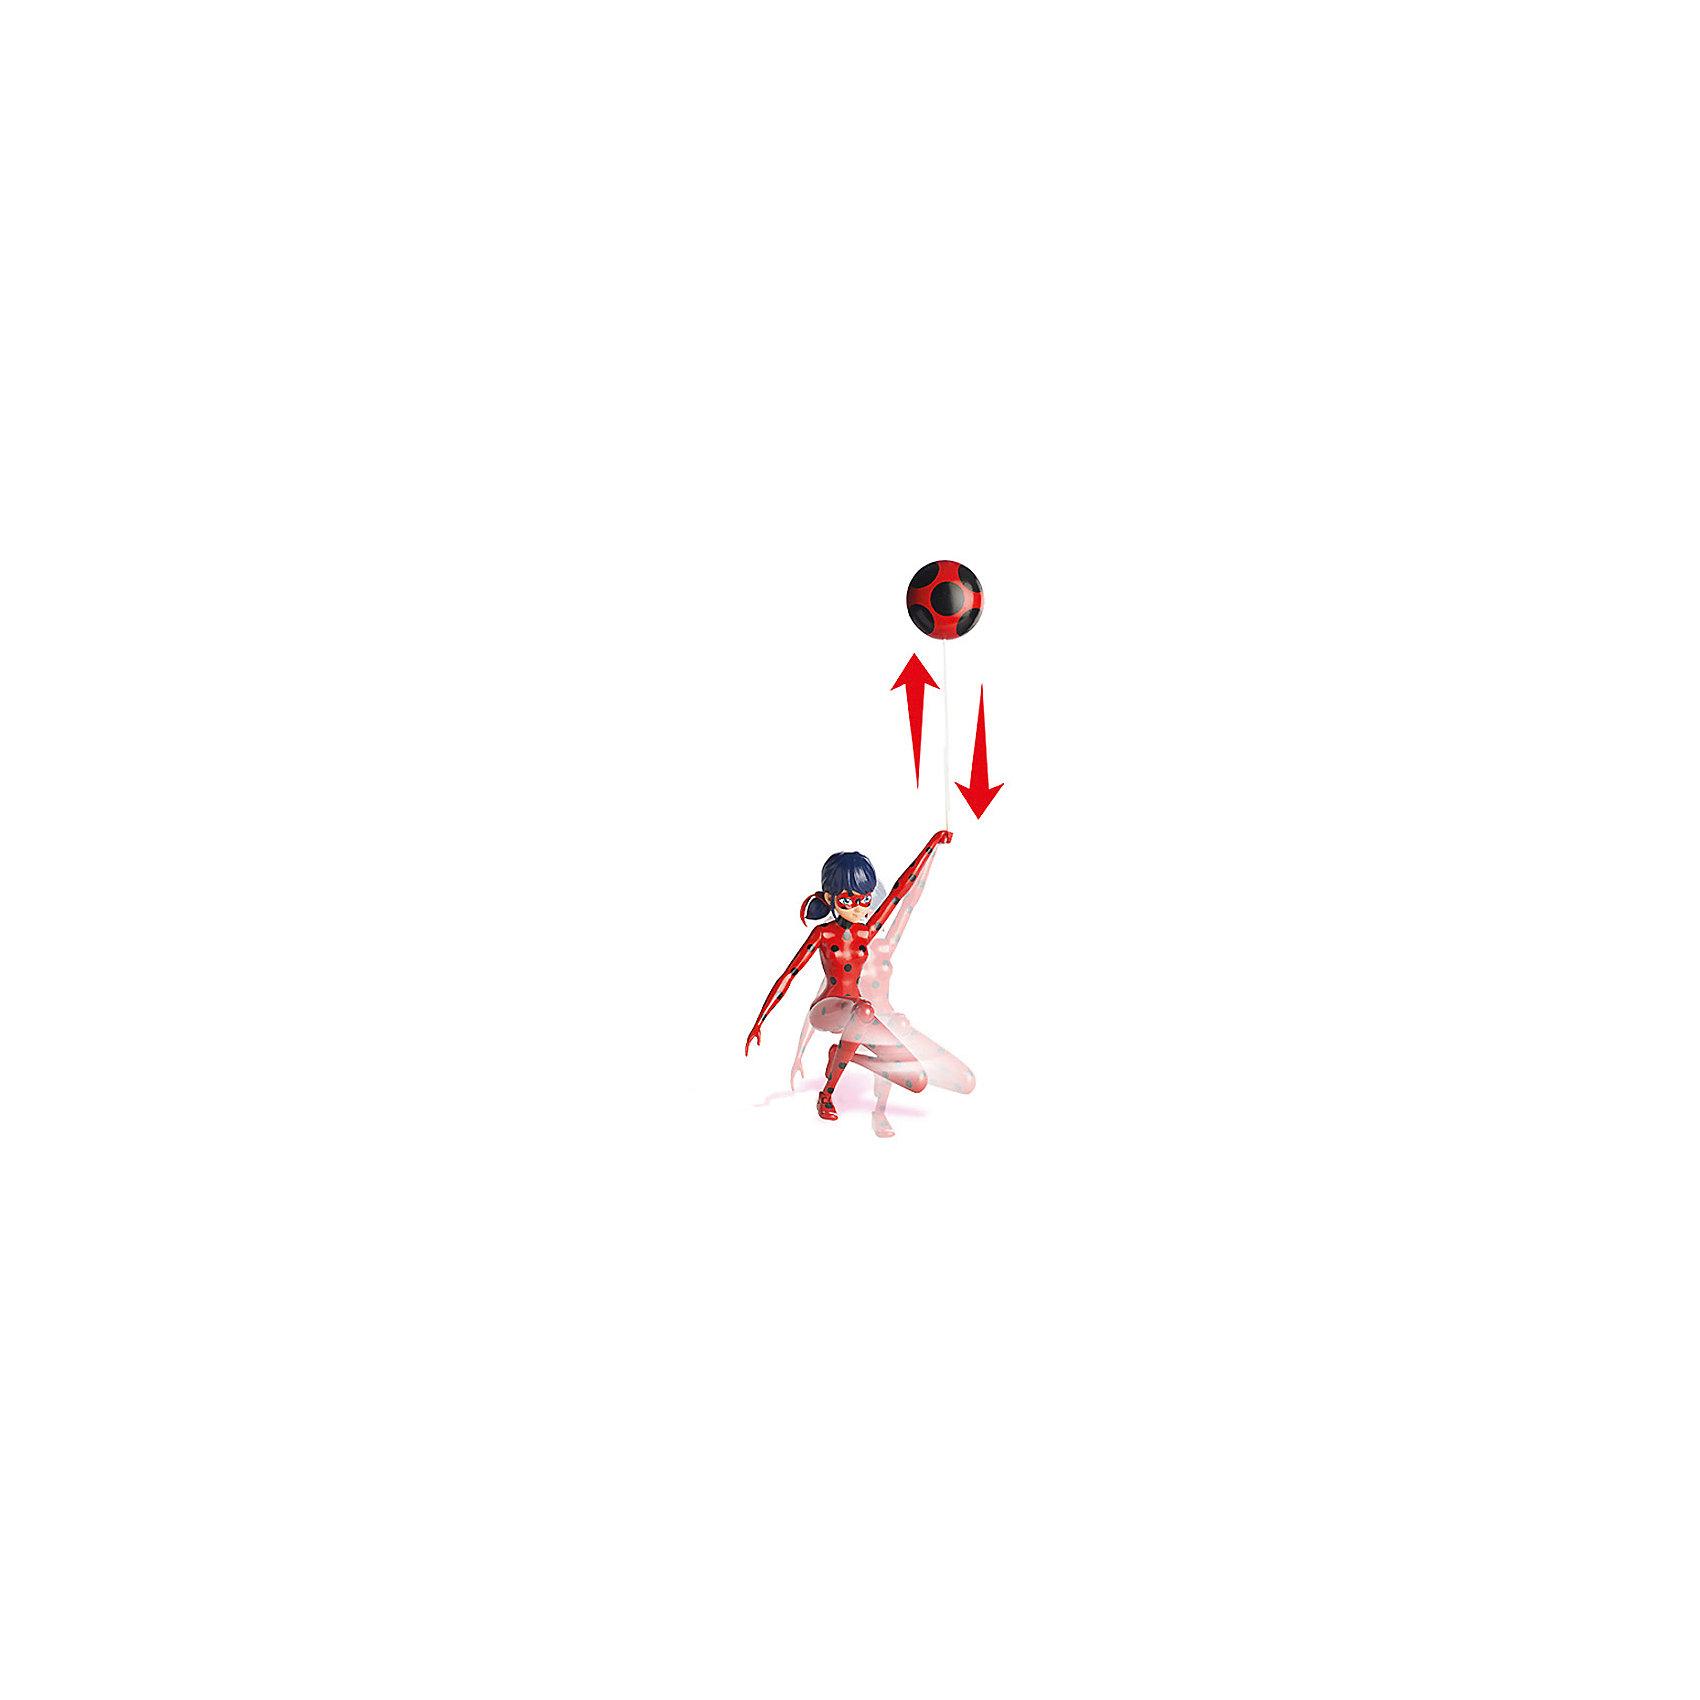 Фигурка Леди Баг в красном, 19 см, Леди Баг и Супер-КотЛеди Баг и Супер-Кот<br>Фигурка Леди Баг в красном, 19 см, Леди Баг и Супер-Кот.<br><br>Характеристики:<br><br>- В наборе: фигурка, пусковой механизм<br>- Высота фигурки: 19 см.<br>- Материал: пластик<br>- Размер упаковки: 20х7х25 см.<br><br>Фигурка Леди Баг создана на основе популярного детского мультфильма Леди Баг и Супер-Кот, сюжет которого посвящен приключениям двух юных супергероев в современном Париже. Фигурка выполнена в виде героини мультфильма Маринетт Дюпэн-Чэн в образе Леди Баг. Костюм божьей коровки ярко-красного цвета в чёрный горошек, волосы темно синего цвета, собранные в хвостики, маска, частично скрывающая лицо придают фигурке полное сходство со своим экранным прототипом. Выразительно сделаны большие глаза, смотрящие из-под маски. У фигурки 9 точек артикуляции, она может принимать различные позы, благодаря чему можно реалистично имитировать сцены сражений. Фигурка позволяет продемонстрировать в игре уникальные возможности. Леди Баг сможет совершить классический прыжок её героини мультика с помощью специального приспособления на присоске с пусковым механизмом. Для этого нужно закрепить присоску на стекле или стене, опустить веревку, затем нажать на пусковой механизм - и фигурка подпрыгнет и взлетит, как в мультфильме!<br><br>Фигурку Леди Баг в красном, 19 см, Леди Баг и Супер-Кот купить в нашем интернет-магазине.<br><br>Ширина мм: 76<br>Глубина мм: 254<br>Высота мм: 203<br>Вес г: 437<br>Возраст от месяцев: 48<br>Возраст до месяцев: 2147483647<br>Пол: Женский<br>Возраст: Детский<br>SKU: 5156896